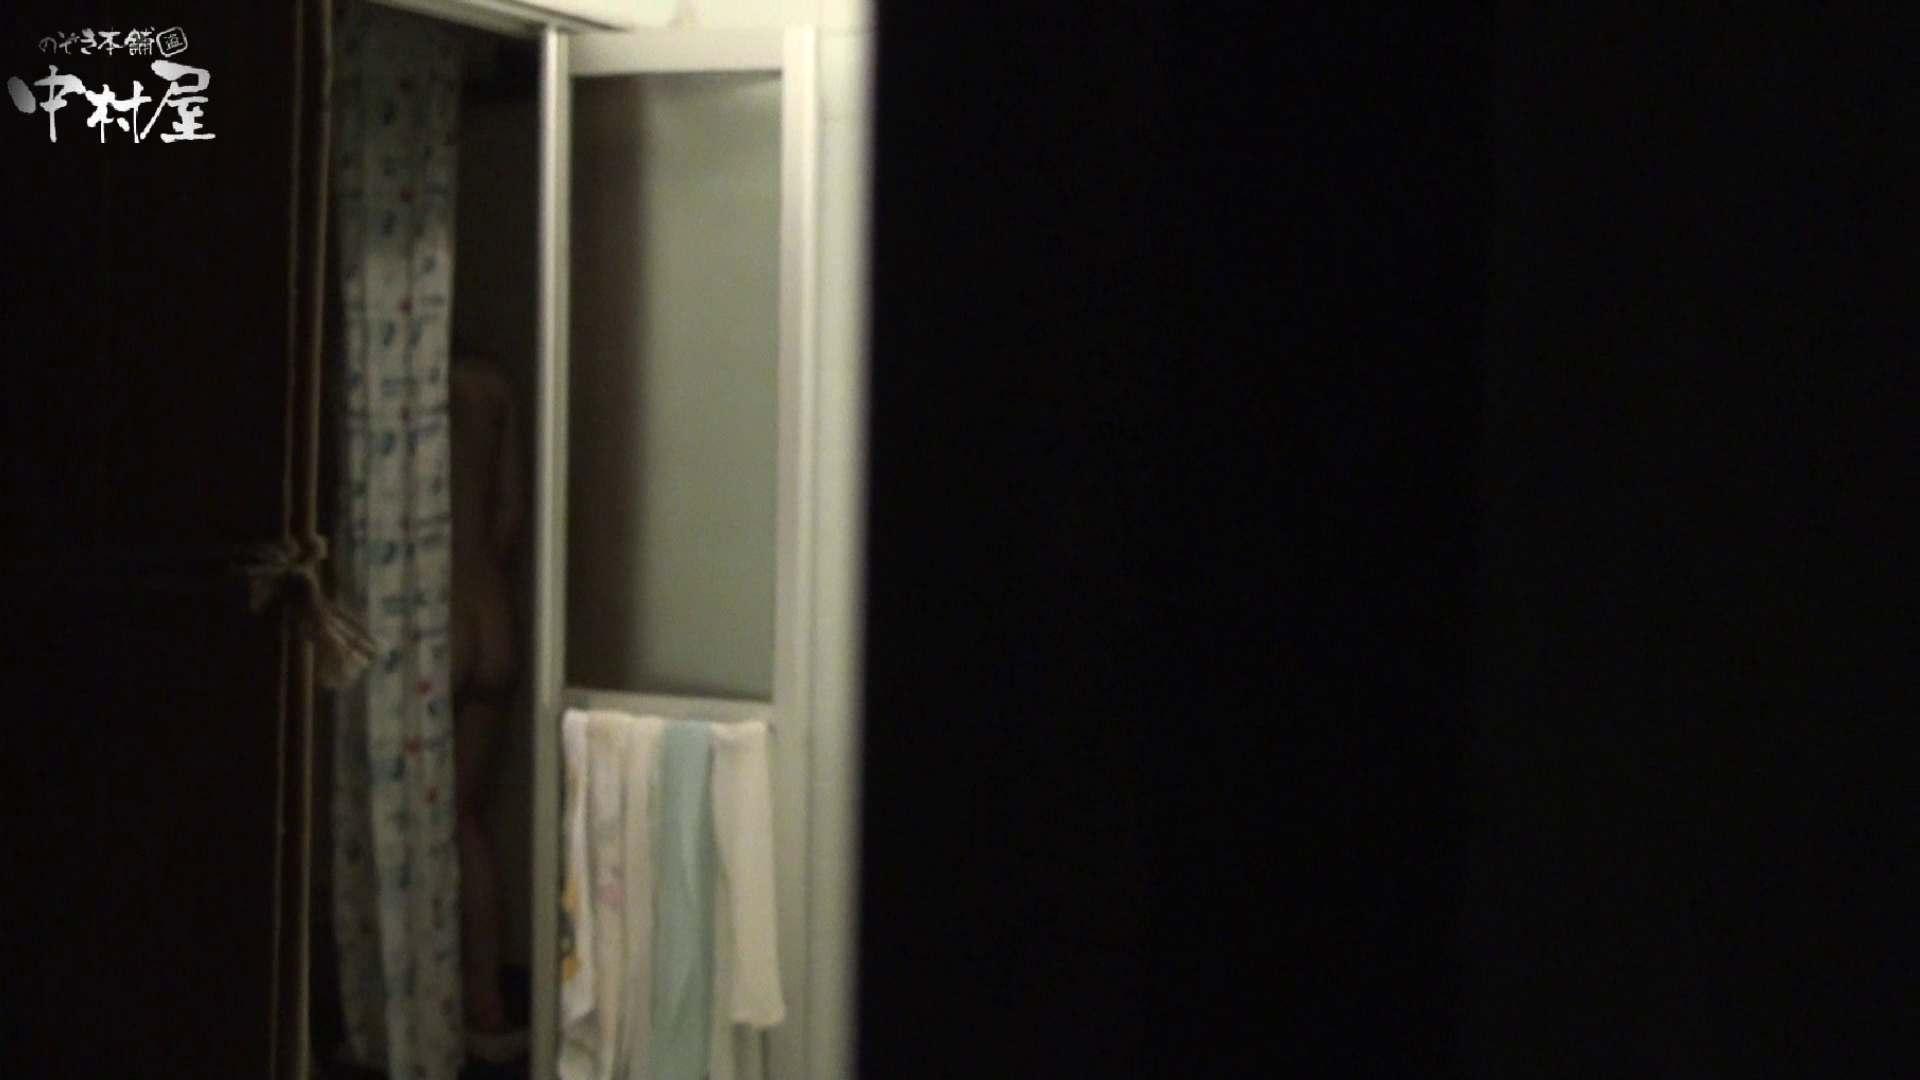 民家風呂専門盗撮師の超危険映像 vol.029 盗撮 盗撮動画紹介 26連発 20